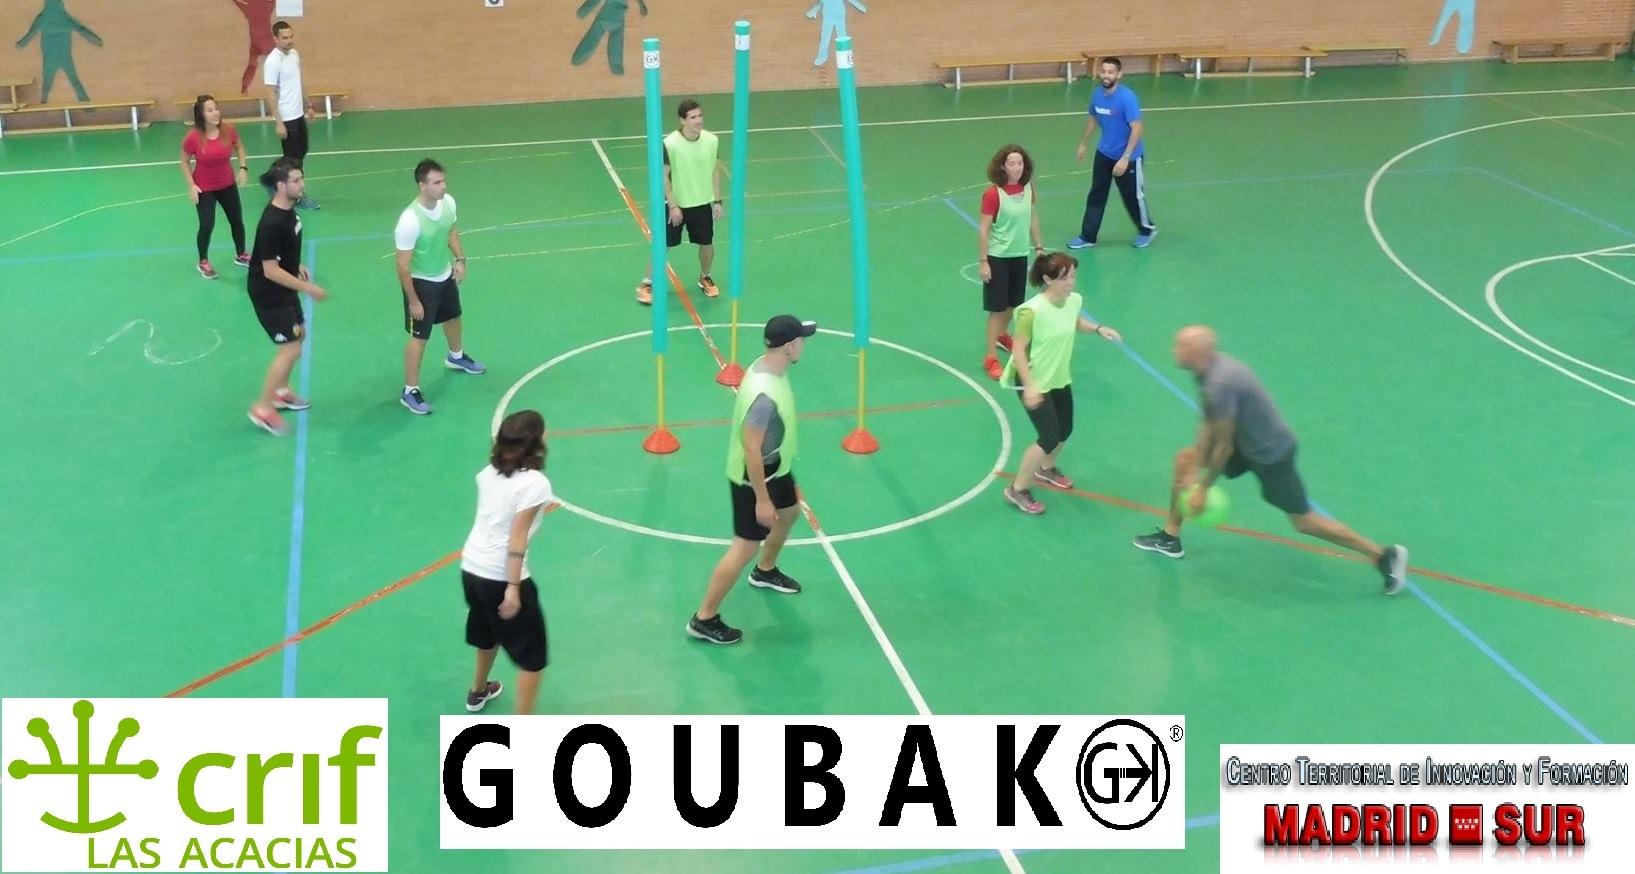 Goubak: deporte colectivo de colaboración-oposición (regulada)